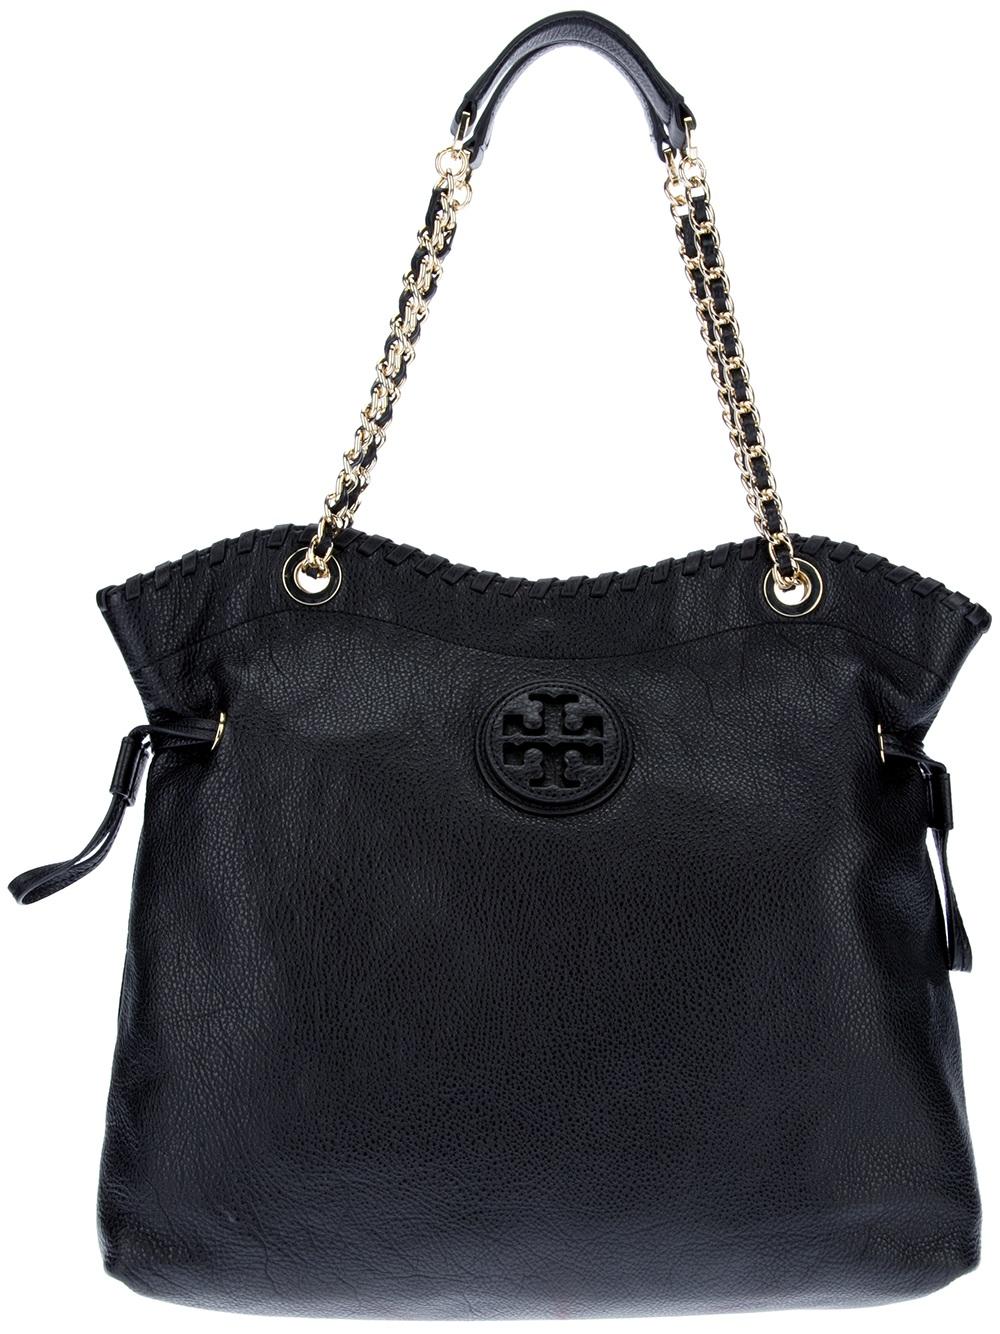 Tory Burch Marion Shoulder Bag In Black Lyst